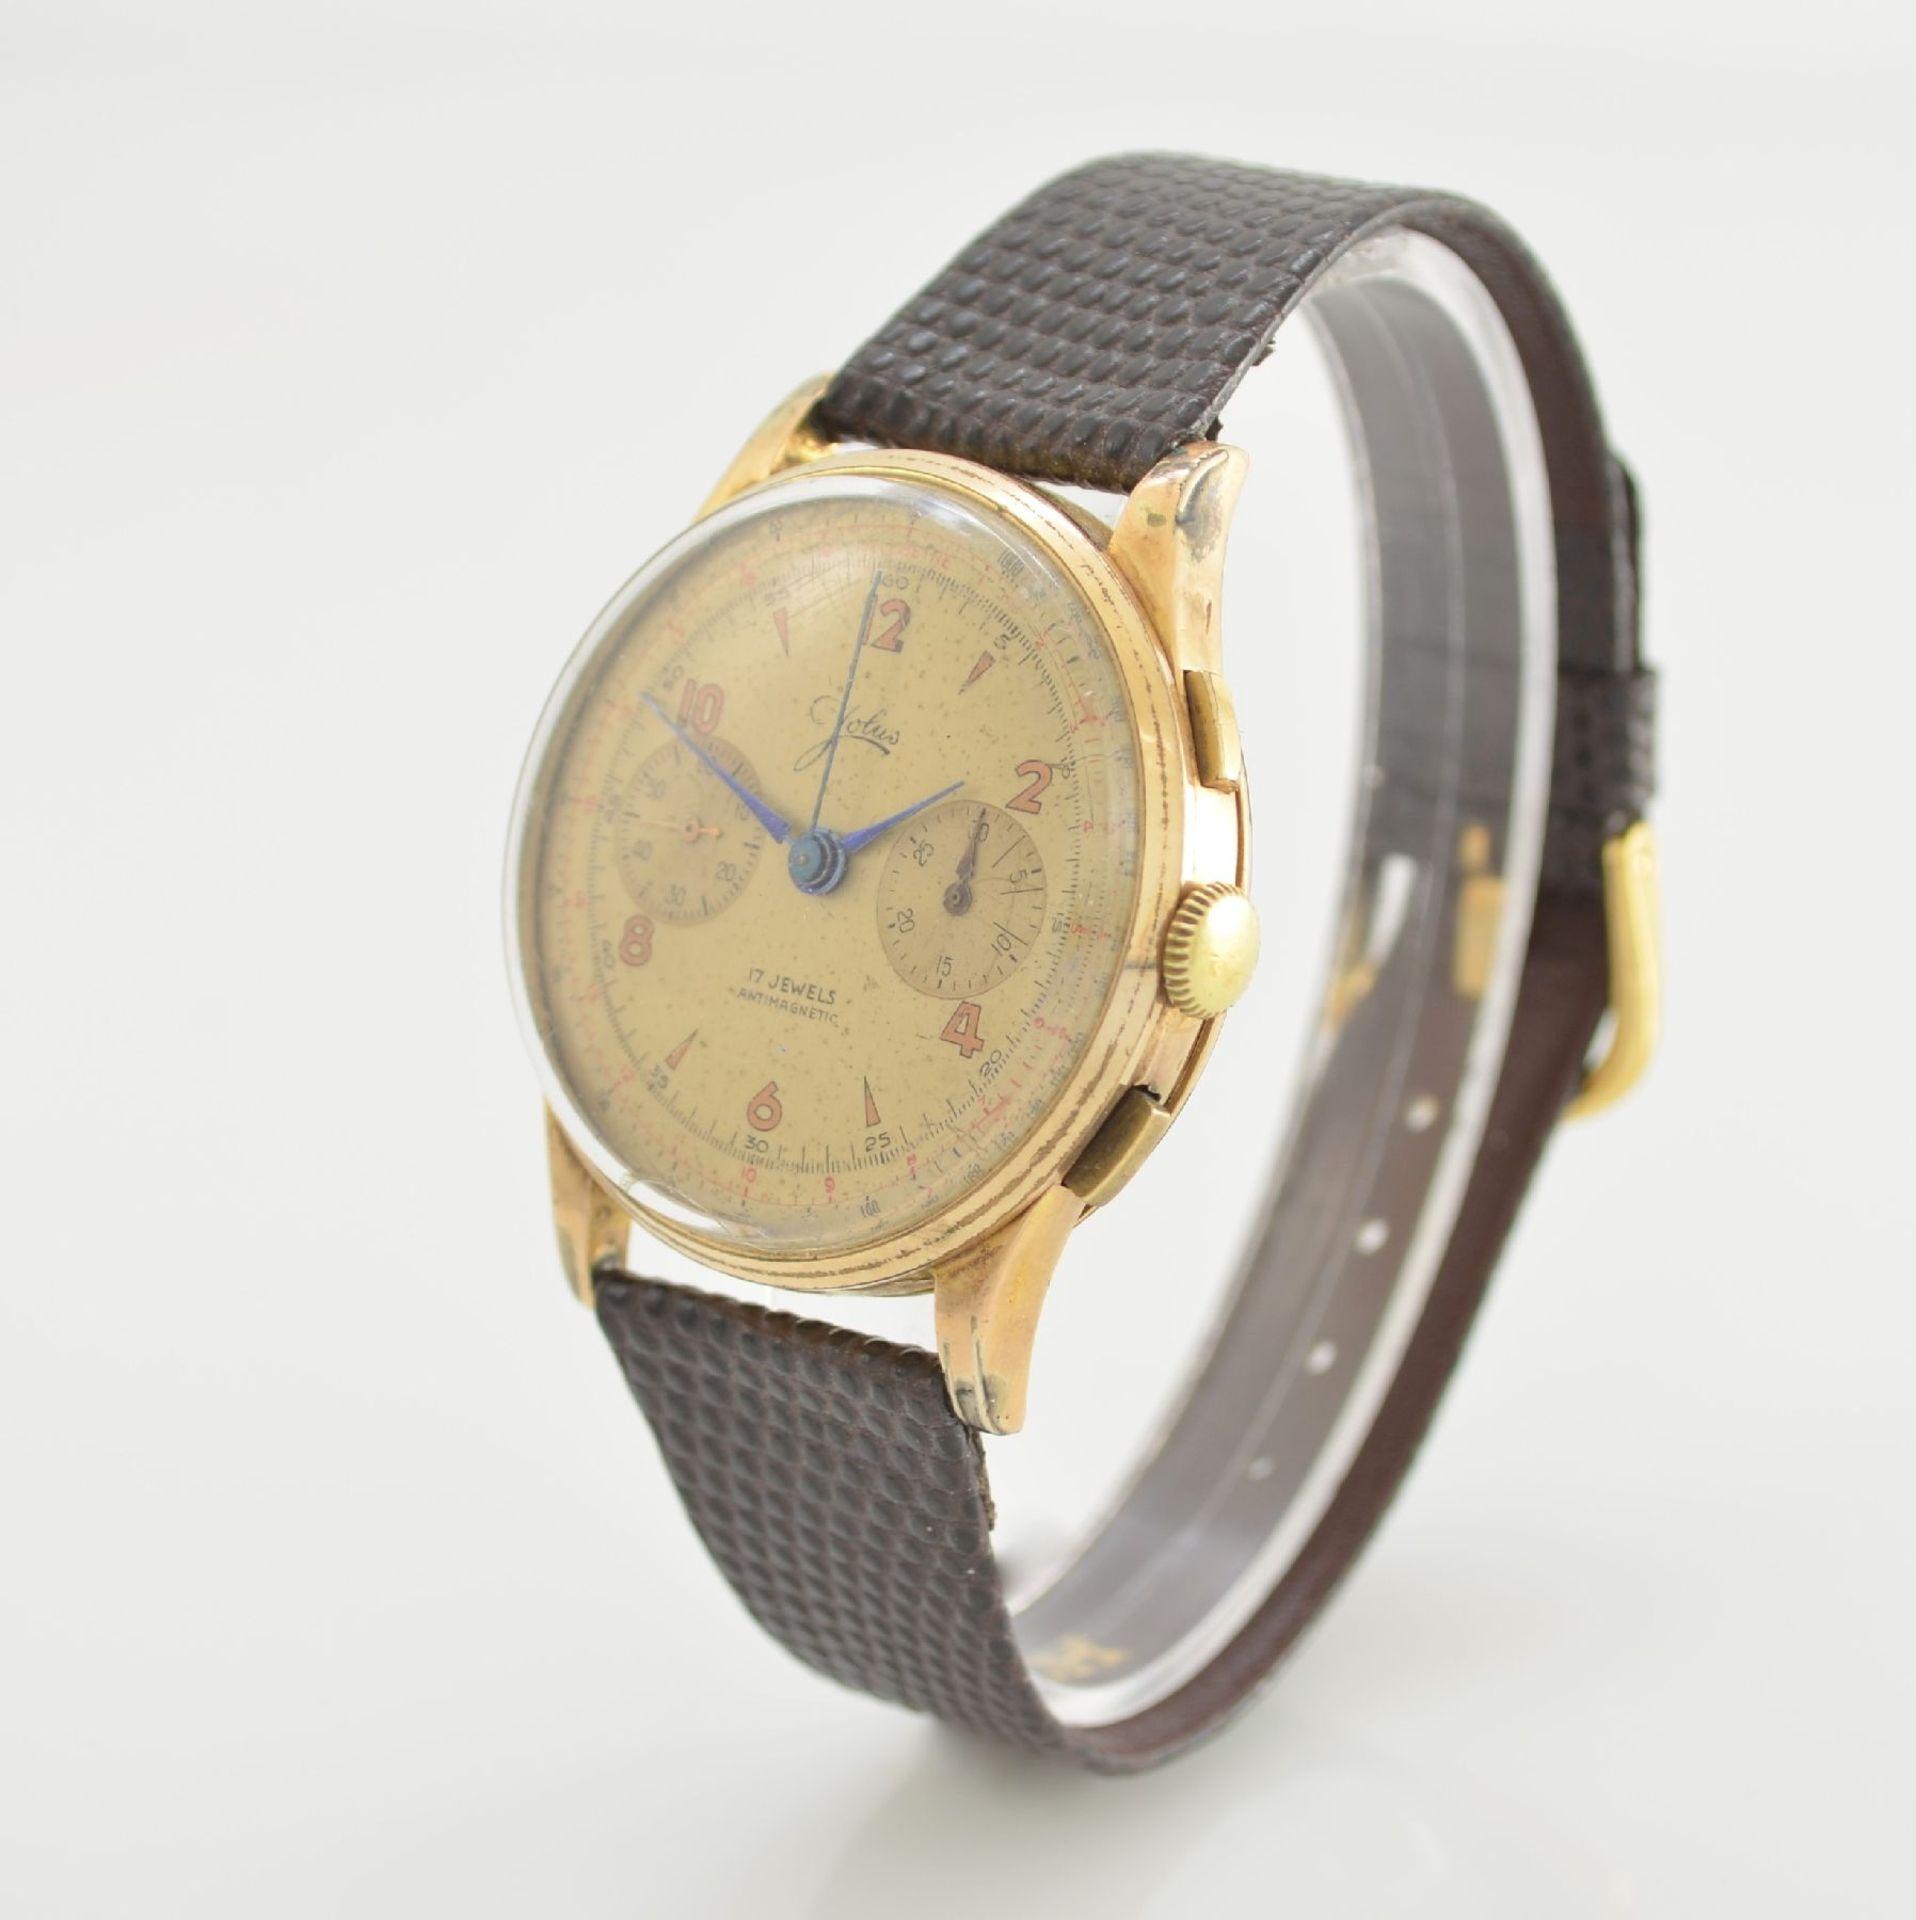 JOLUS Armbandchronograph in RoseG 750/000, Handaufzug, Schweiz um 1948, Boden & verg. Glasrand - Bild 3 aus 8